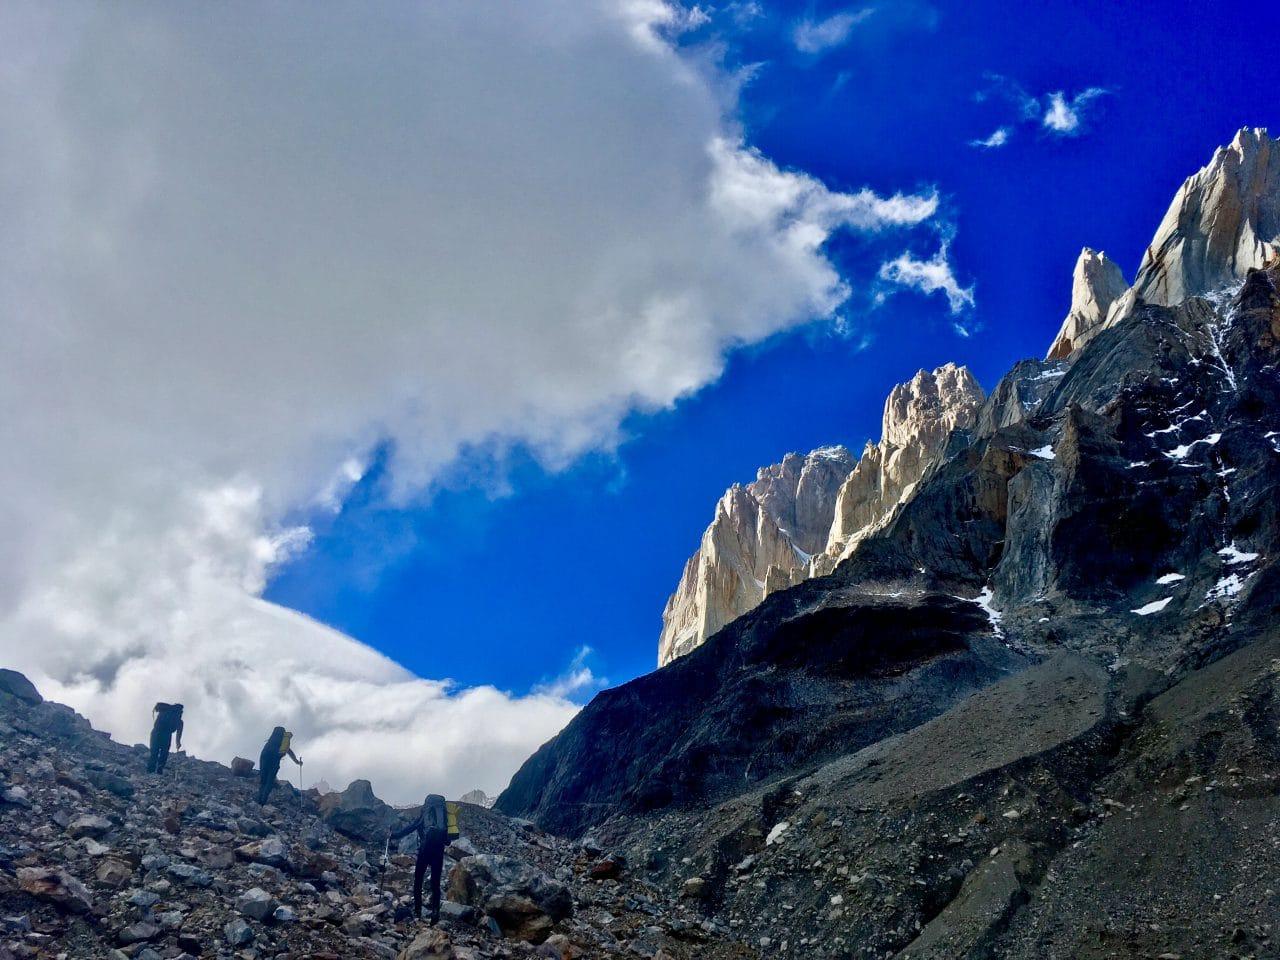 patagonie-argentine-voyage-helyum-yann-nussbaumer-4